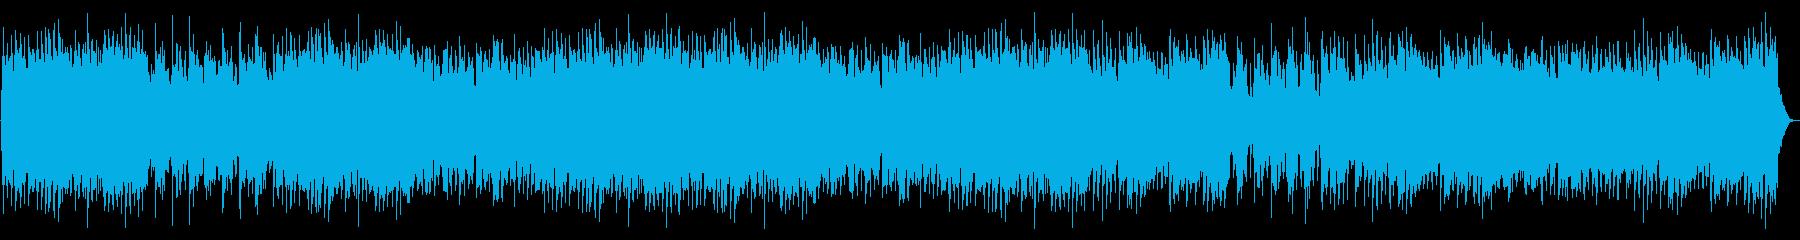 フルートのメロディー、ハープ、ハー...の再生済みの波形